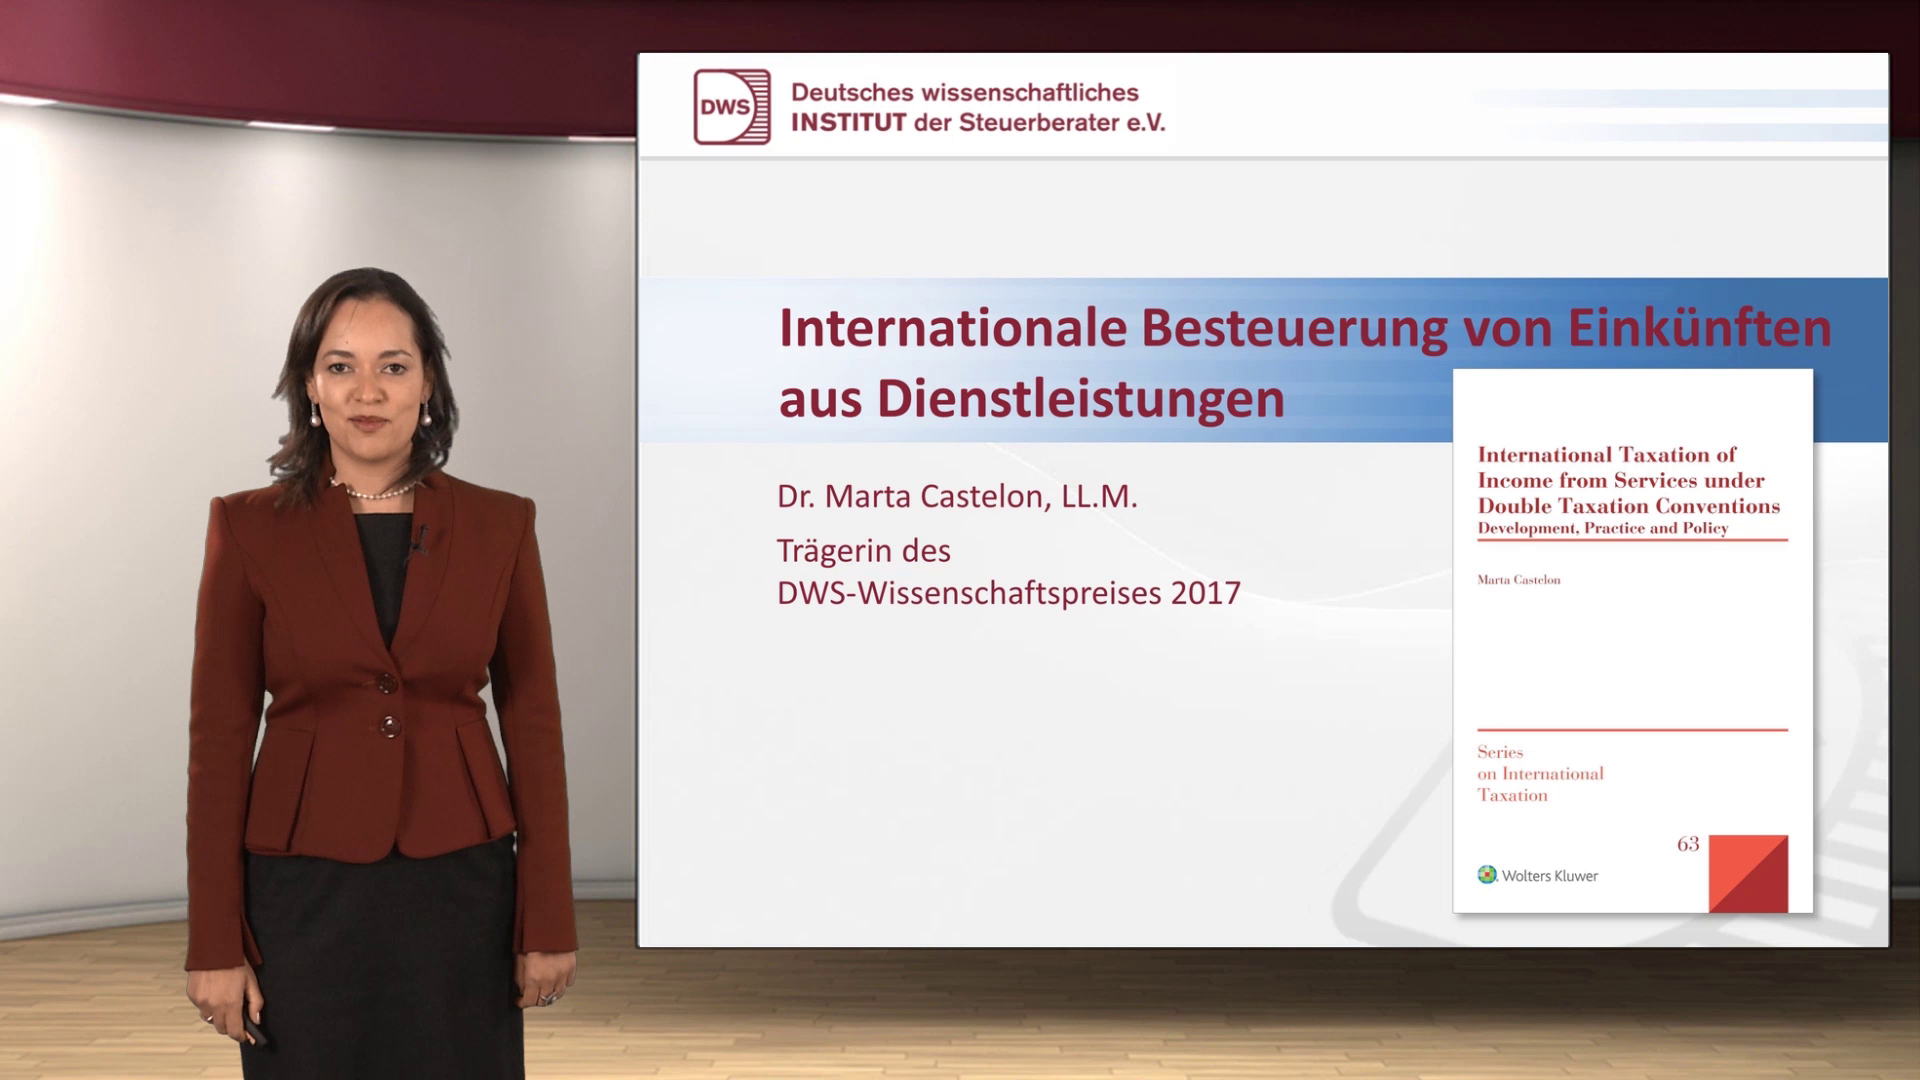 Frau Dr. Marta Castelon